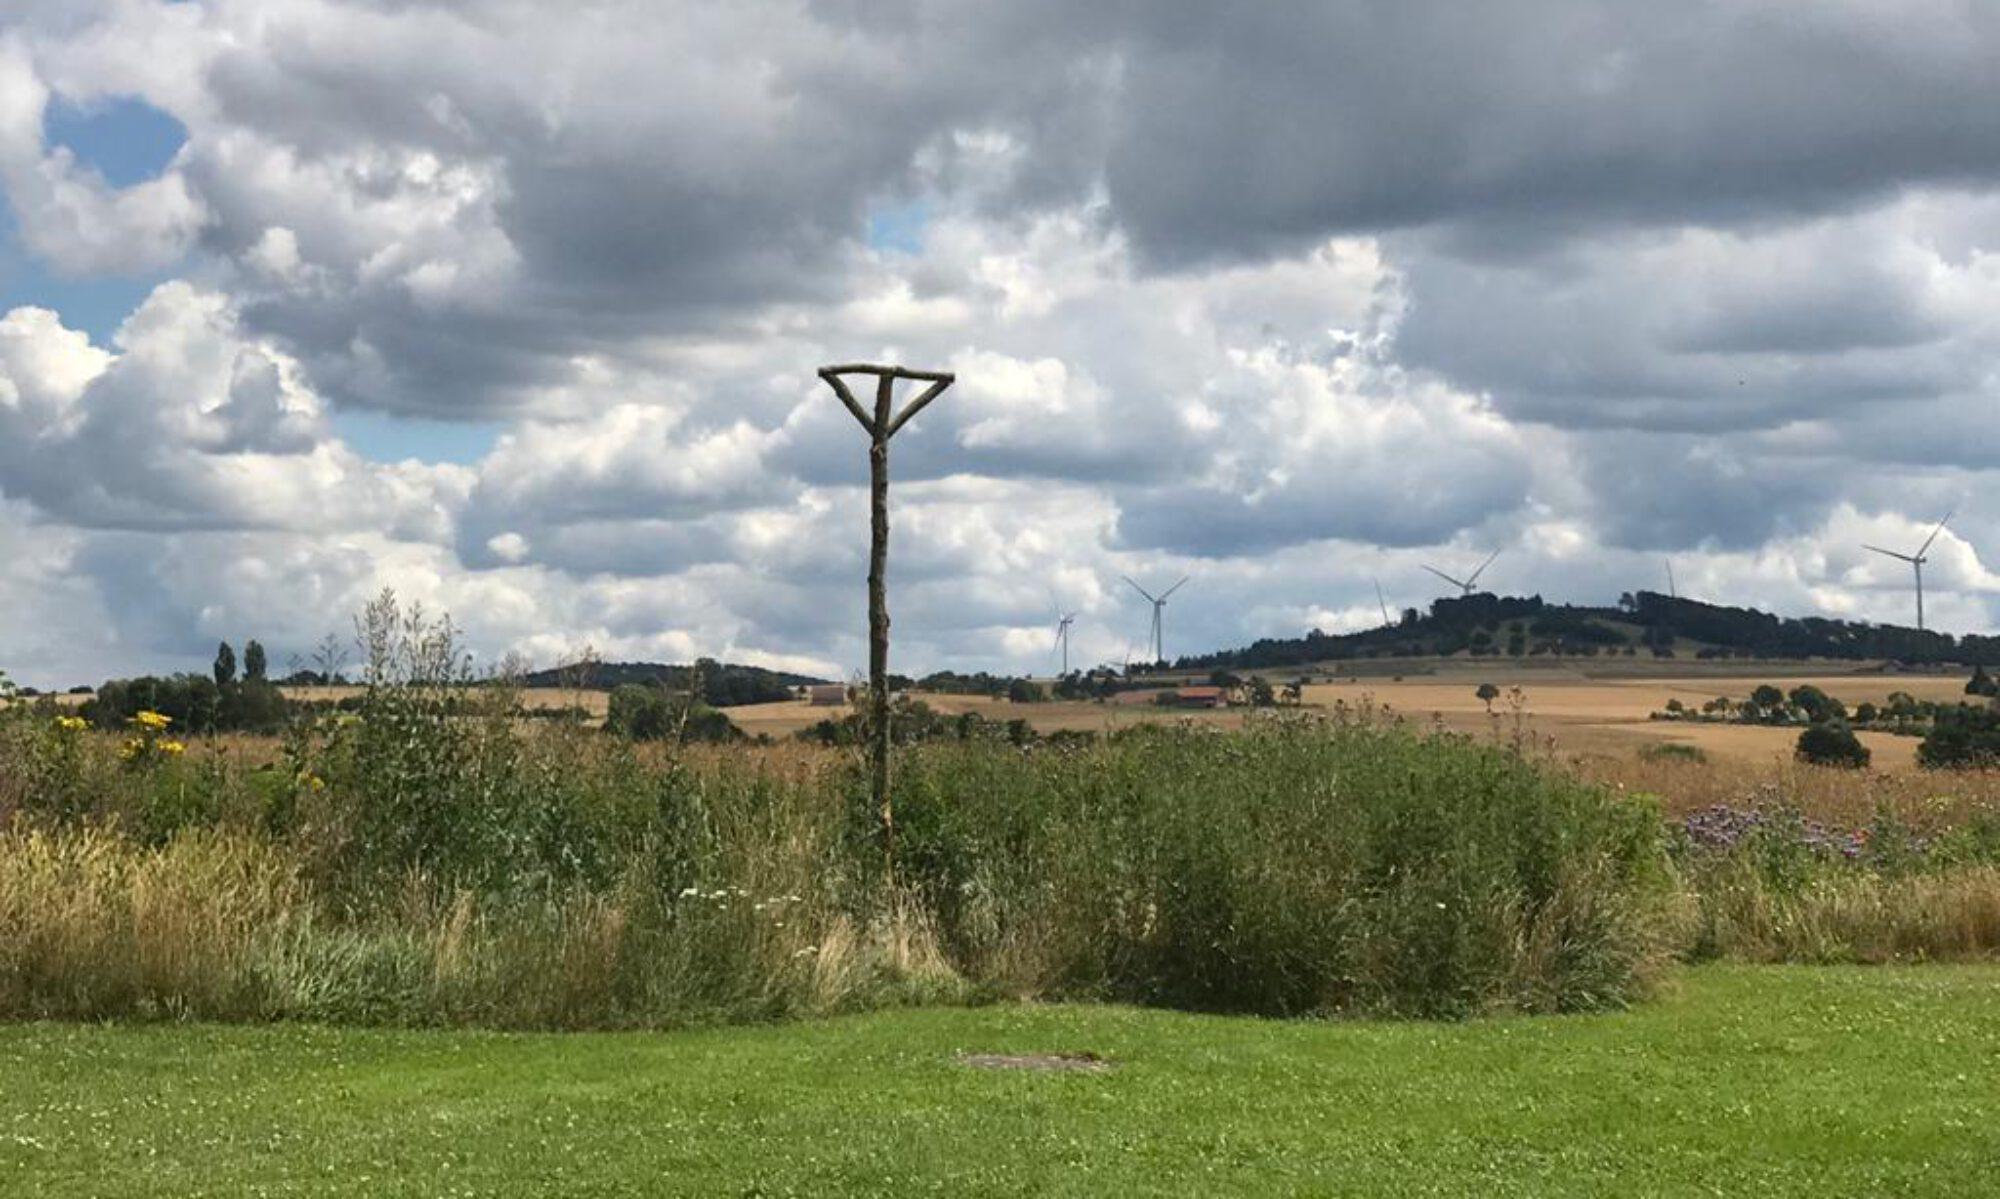 Für Mensch und Natur – Gegenwind Heimat Hoher Berg e.V.